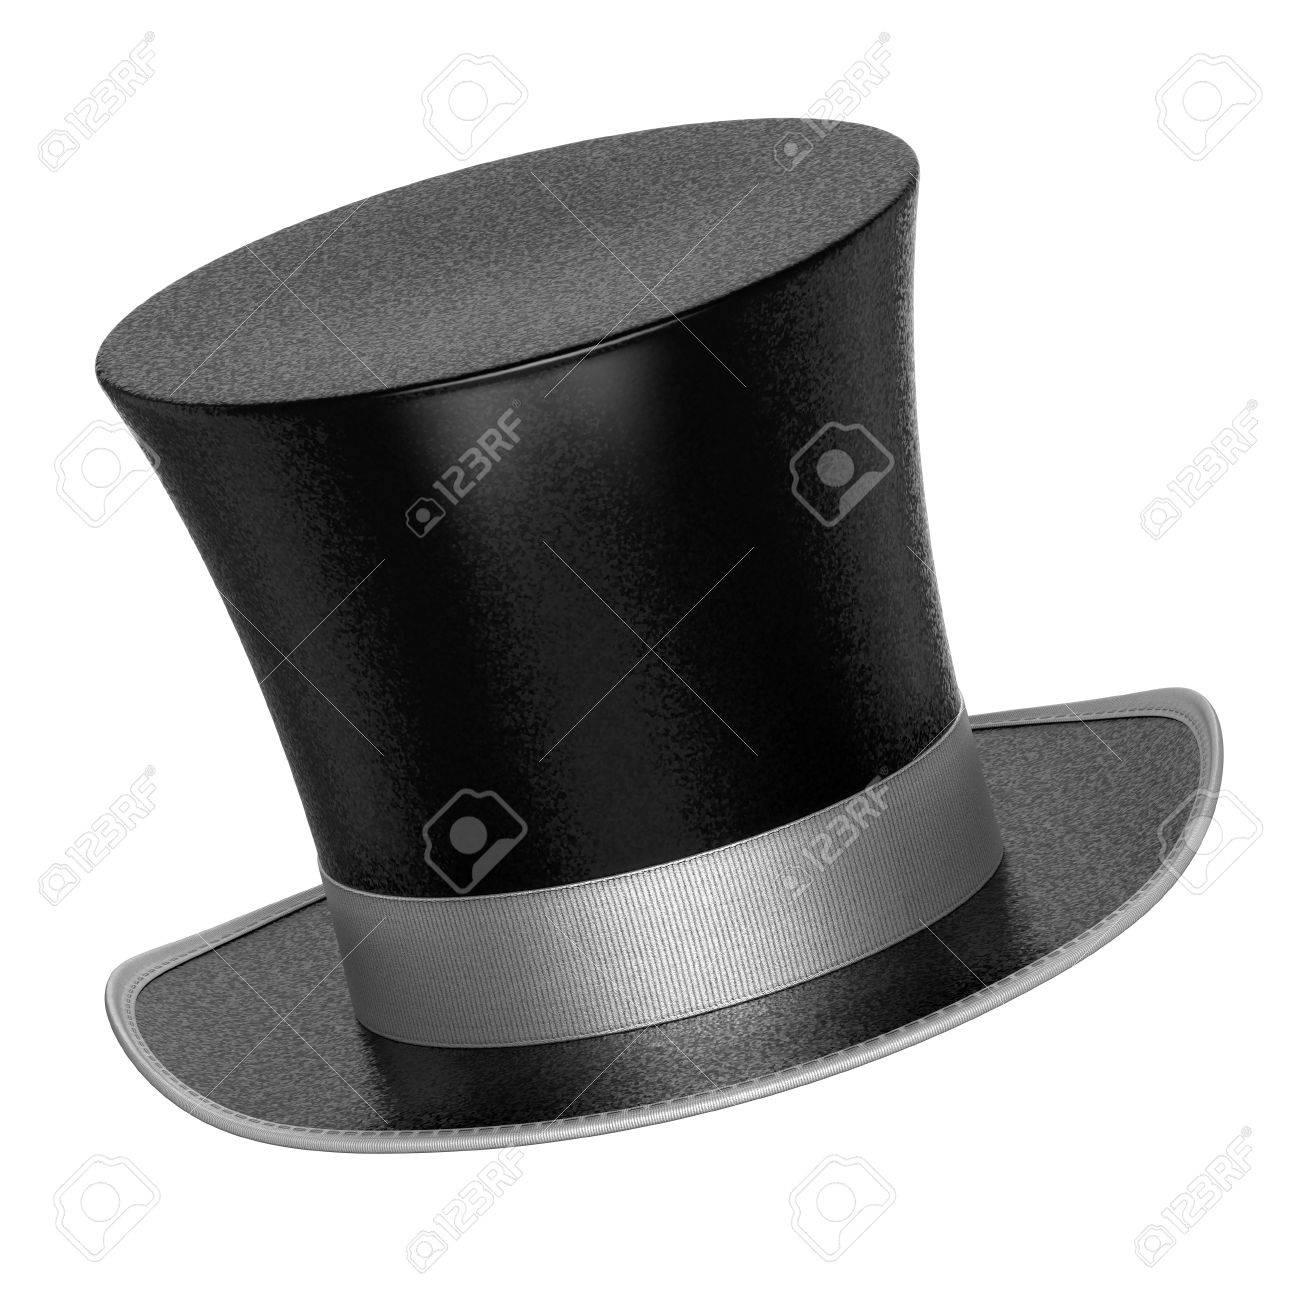 3D prestados decoración negros sombreros de copa con superficie escamas  metálicas estilo brillante - aislado en e4c27875b389